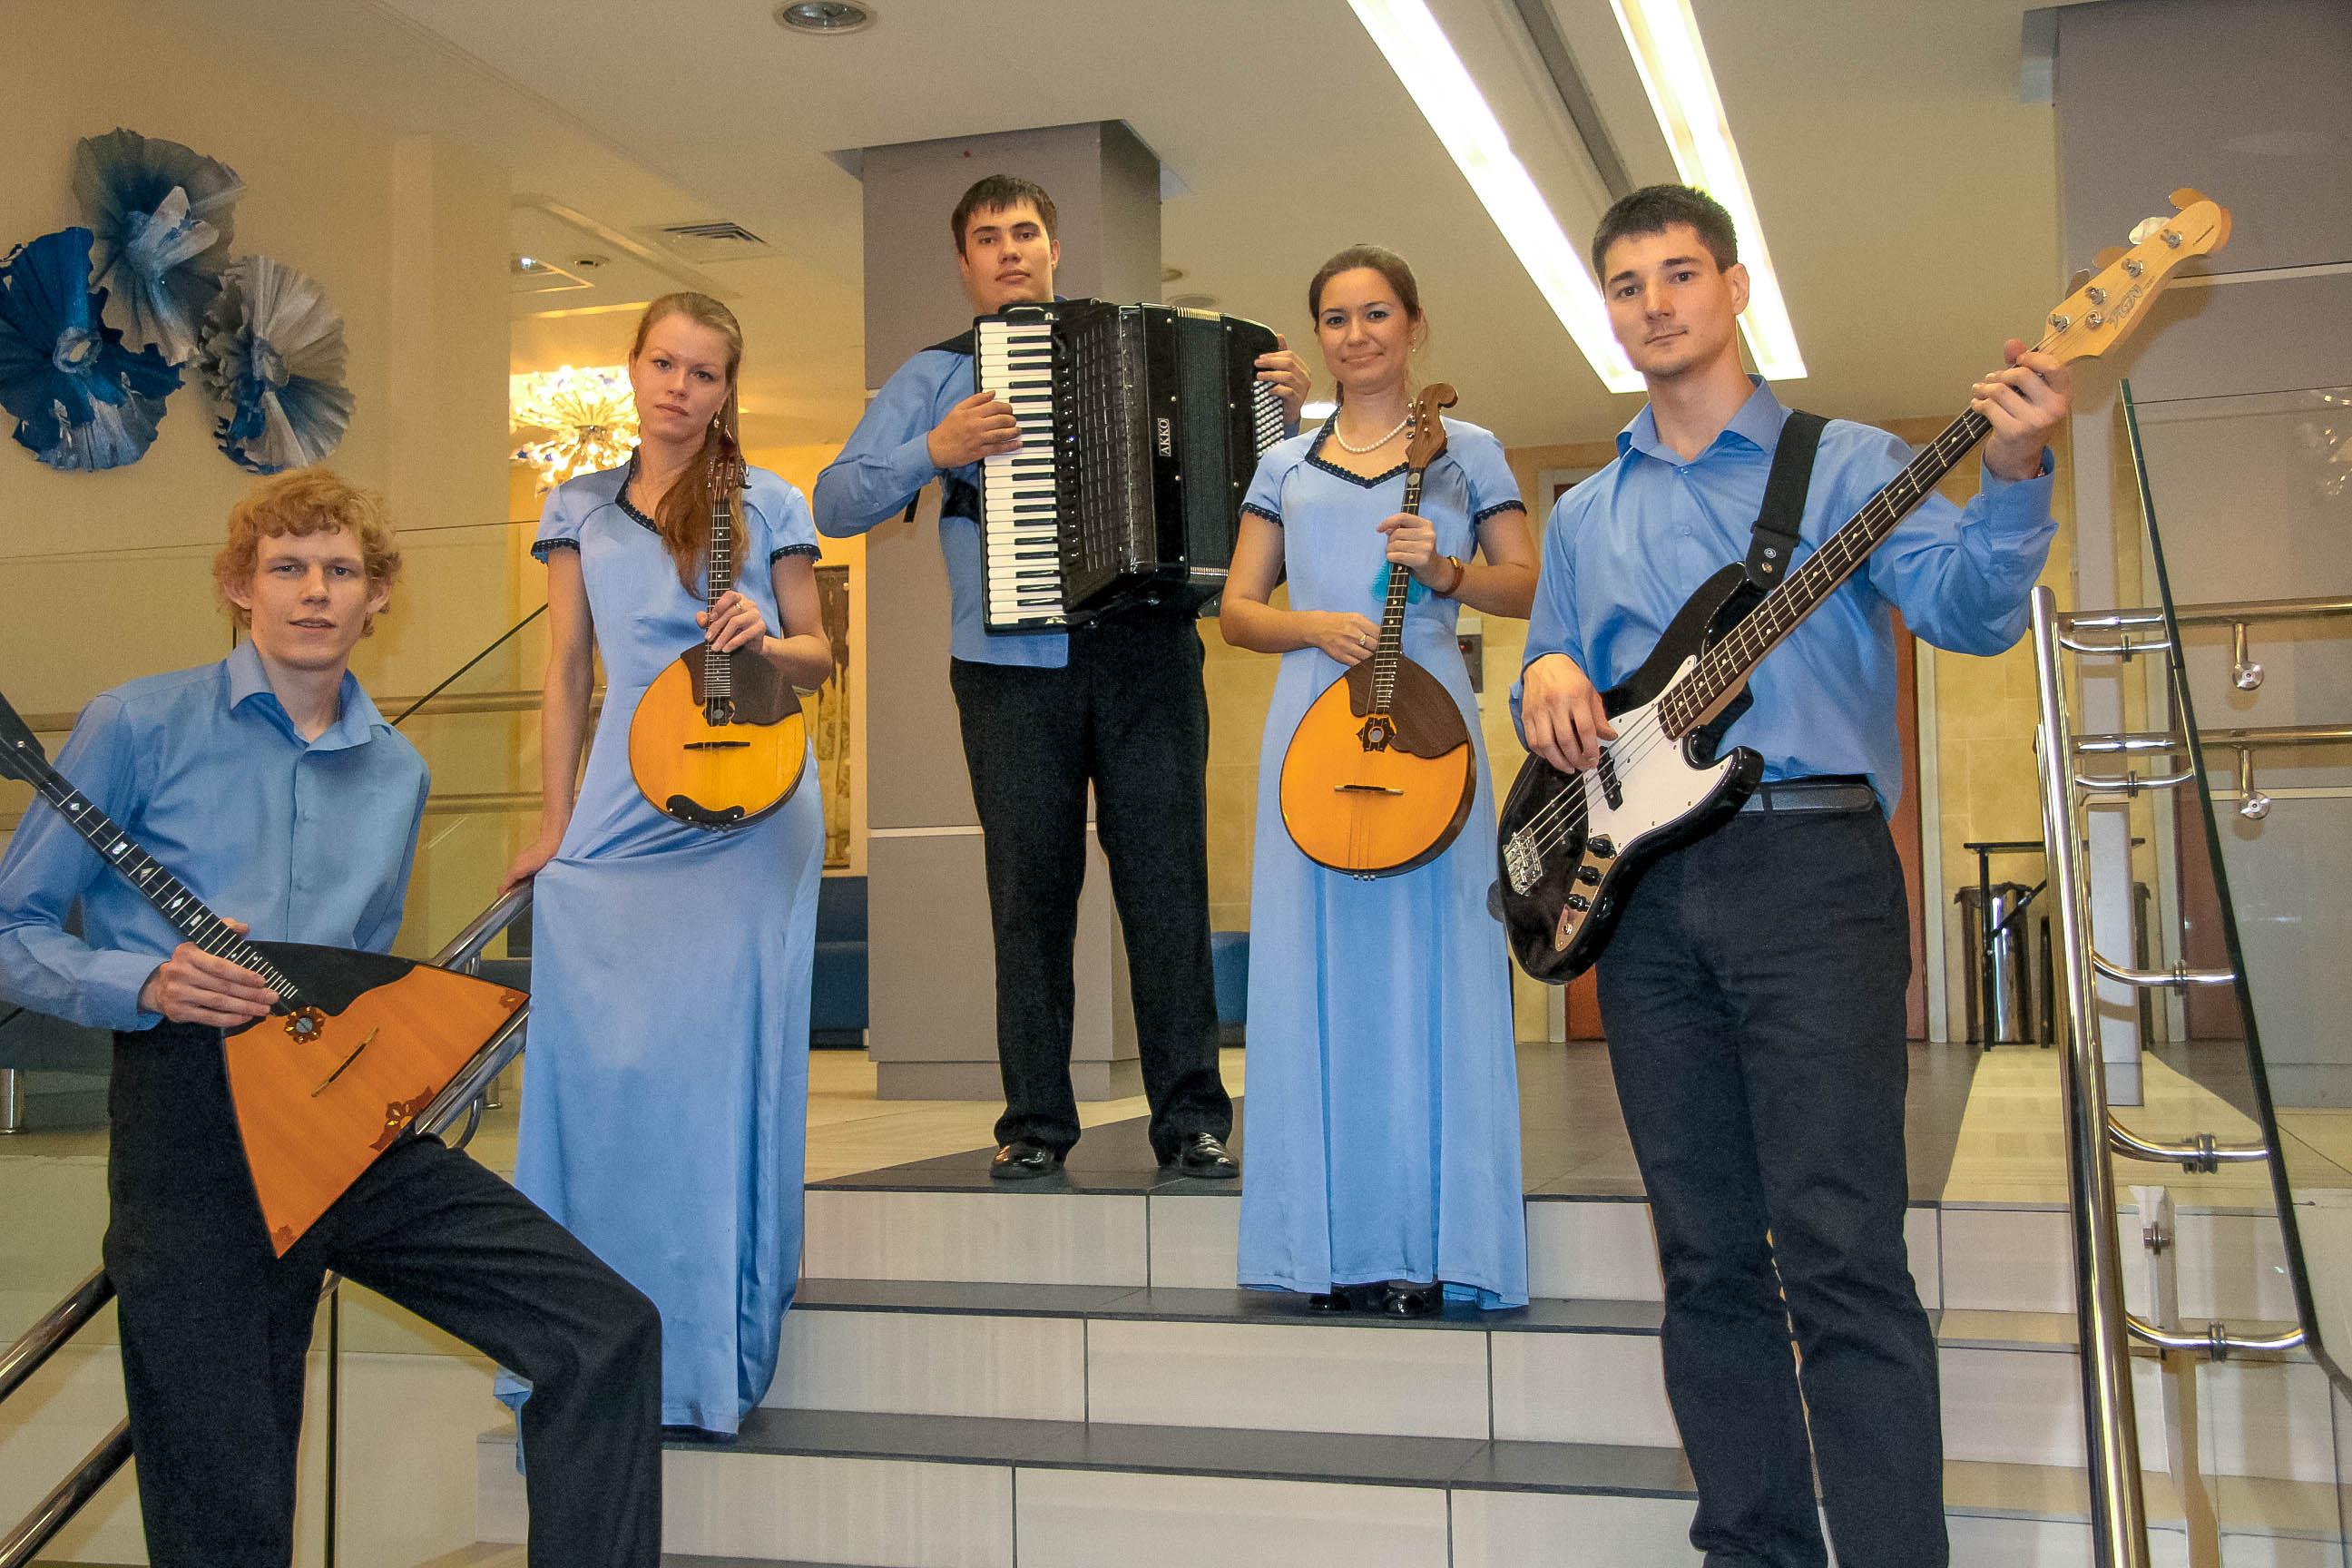 Конкурс на свадьбе с музыкальными инструментами